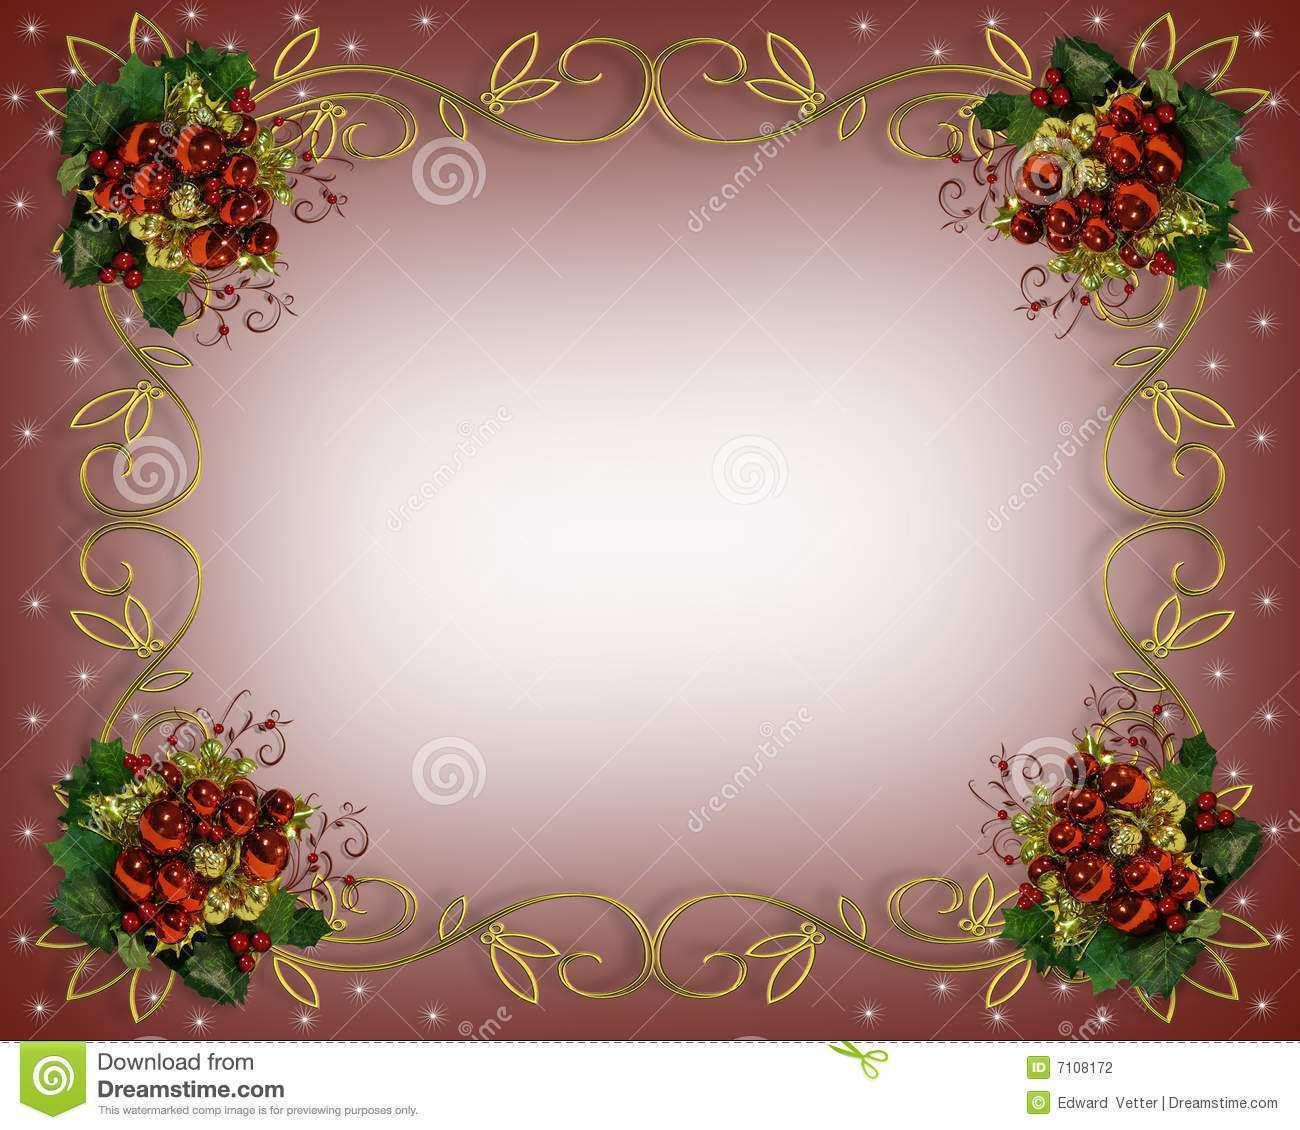 24 Visiting Christmas Card Border Templates Formating for Christmas Card Border Templates